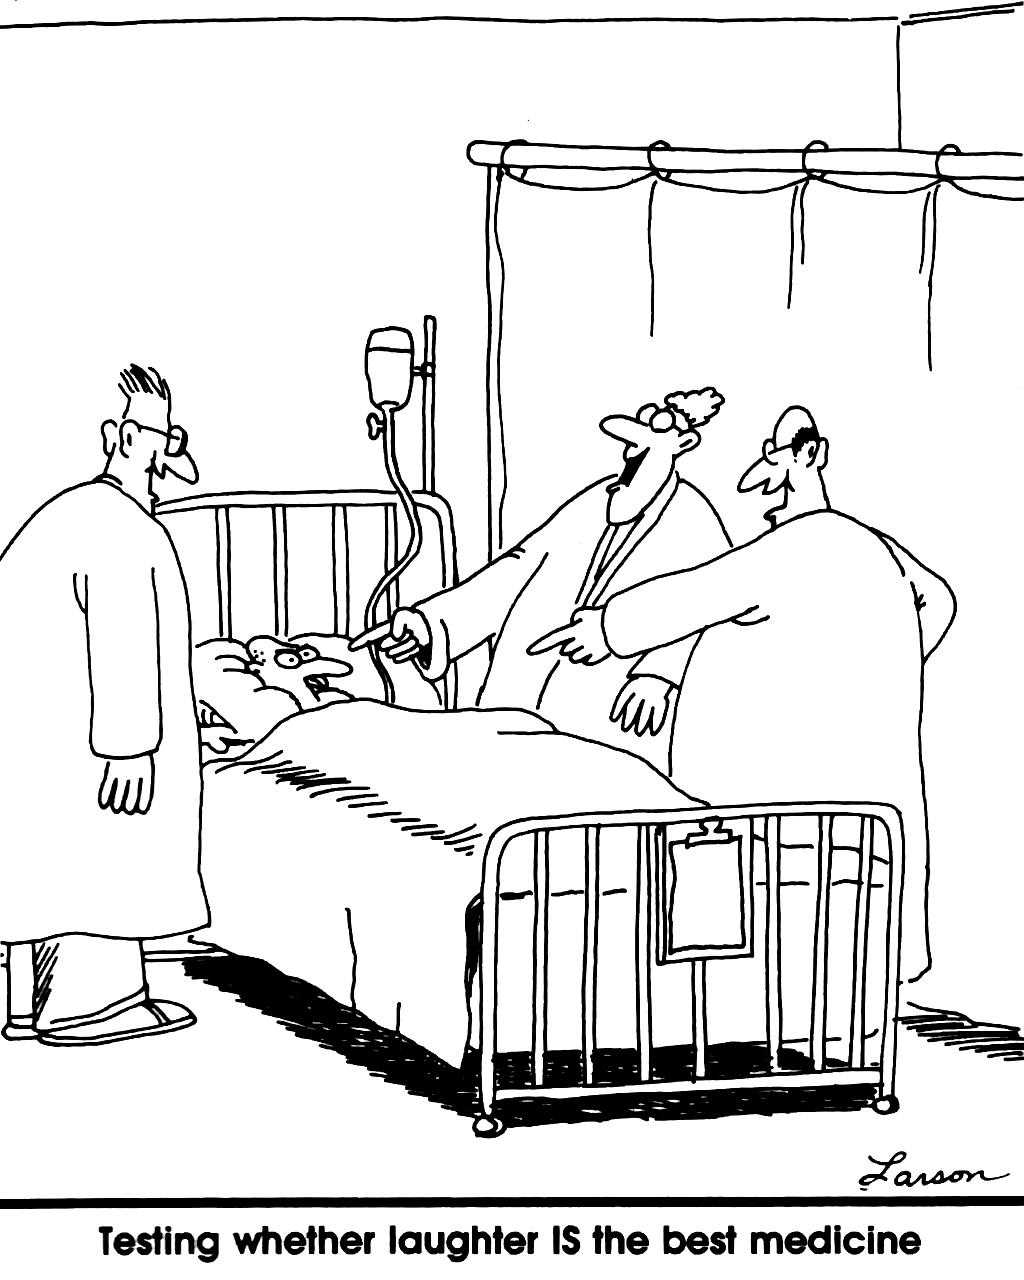 Latter er den bedste medicin?